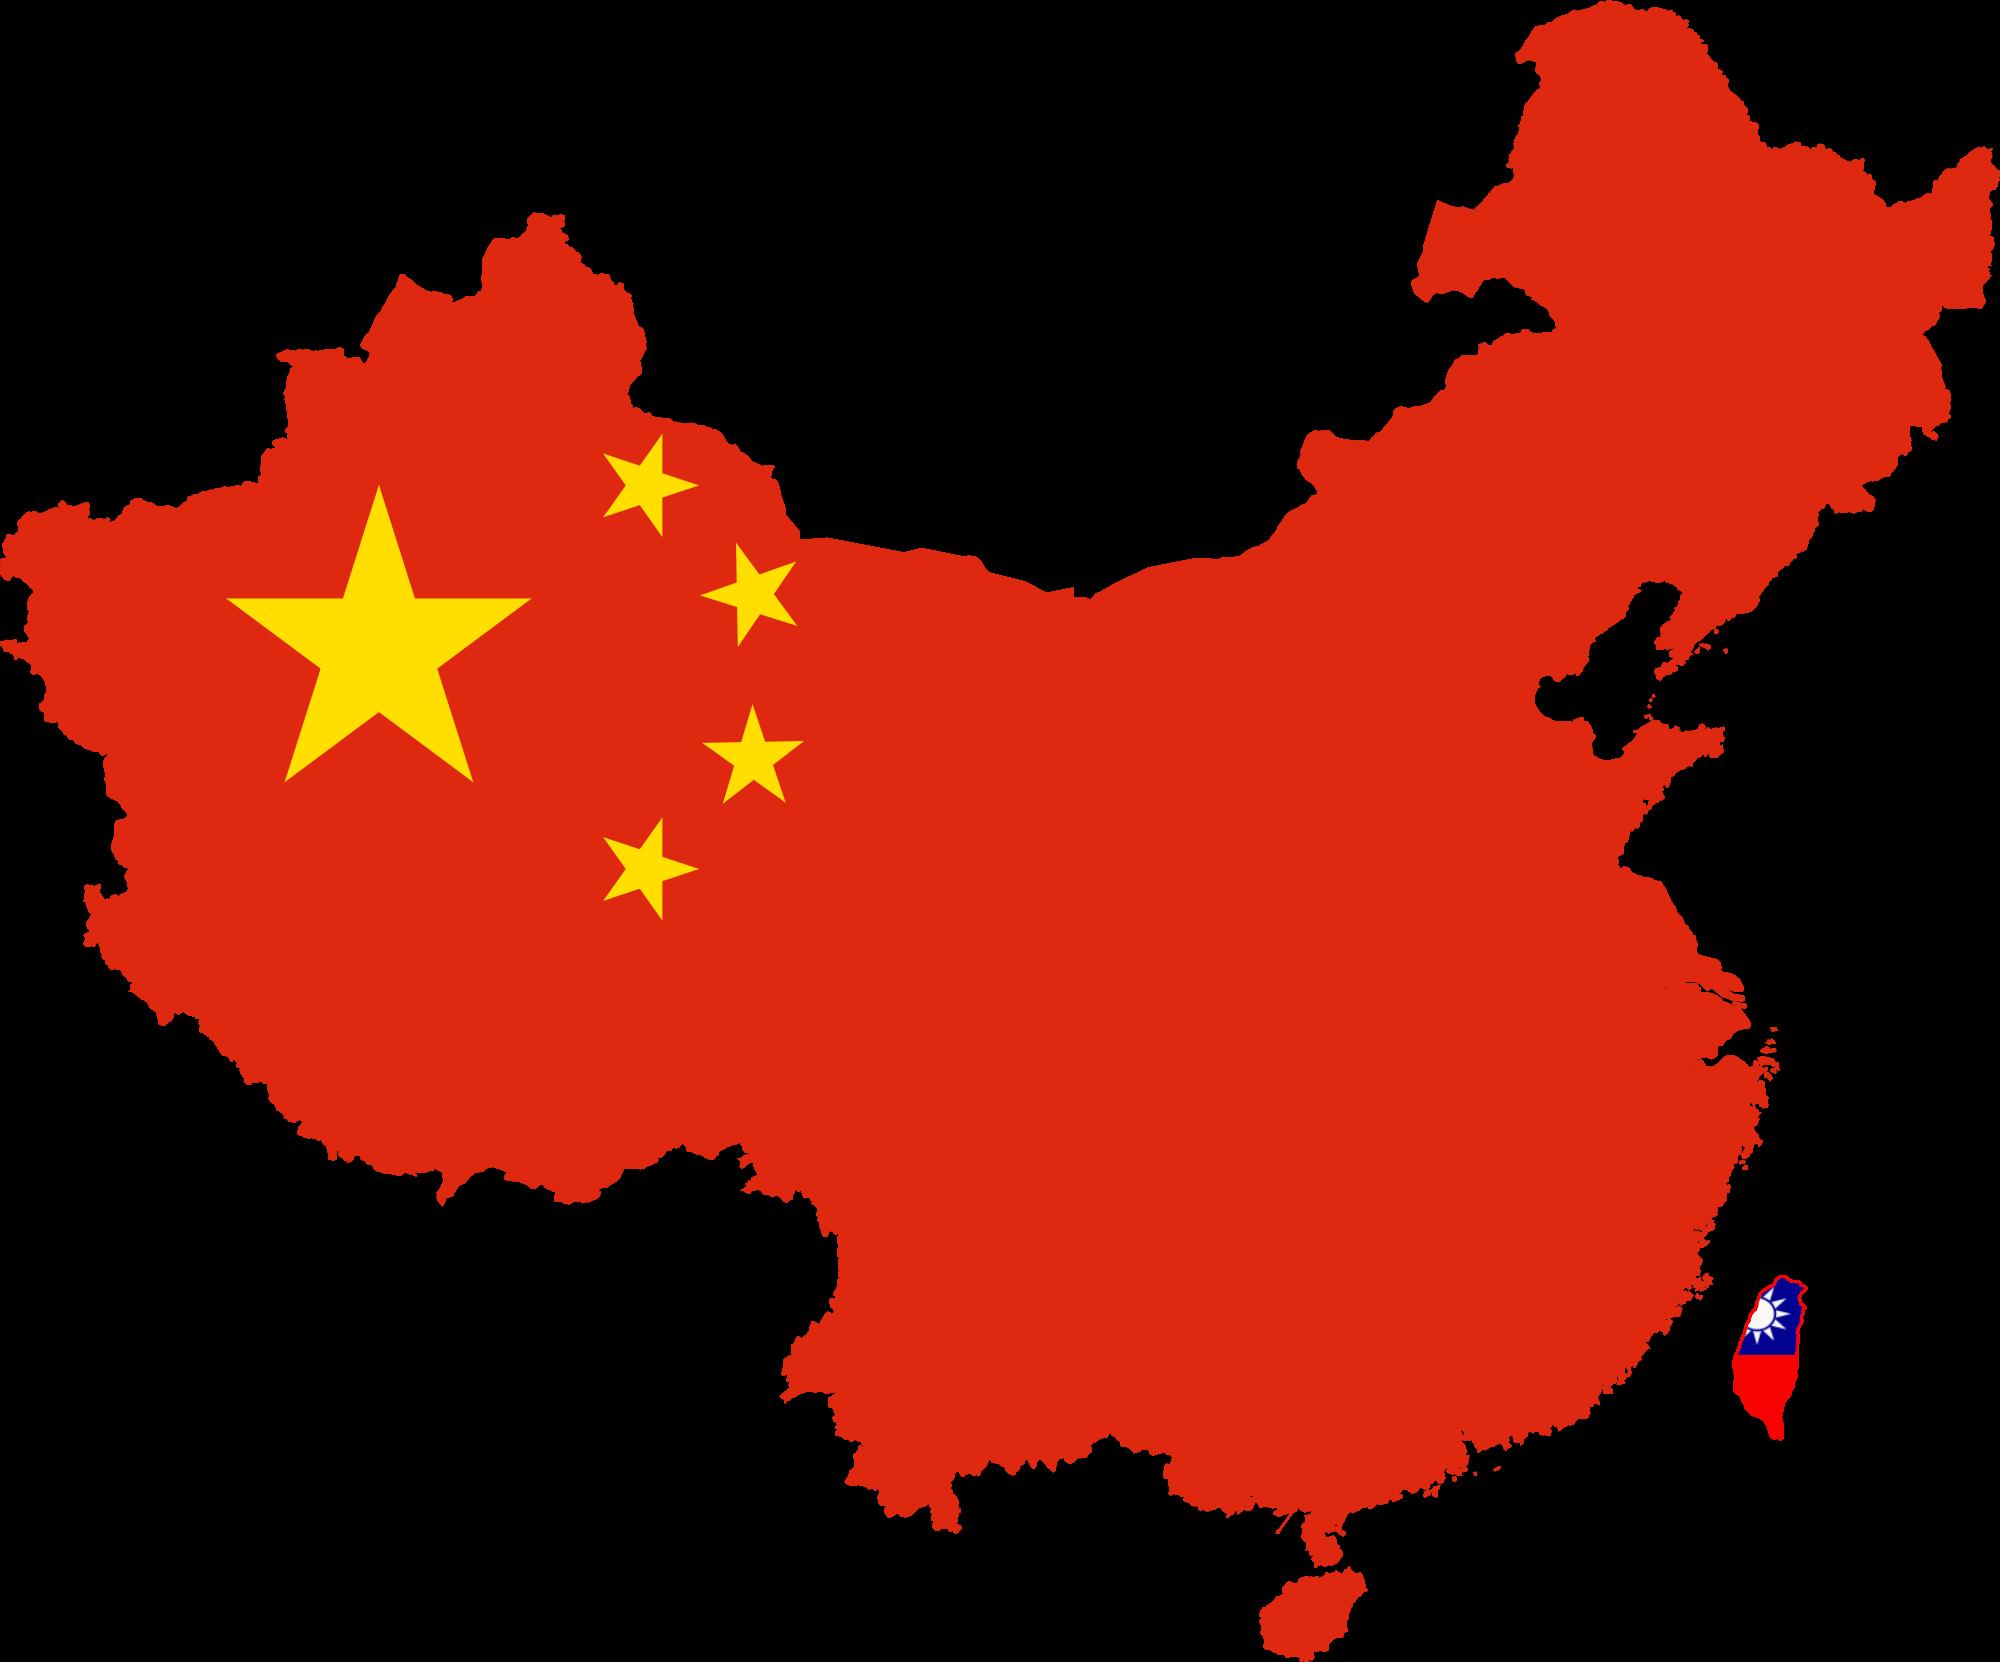 現代は圧倒的大国のいない「無極」の時代:中国が作る新秩序「AIIB」はどう作用する? 2番目の画像